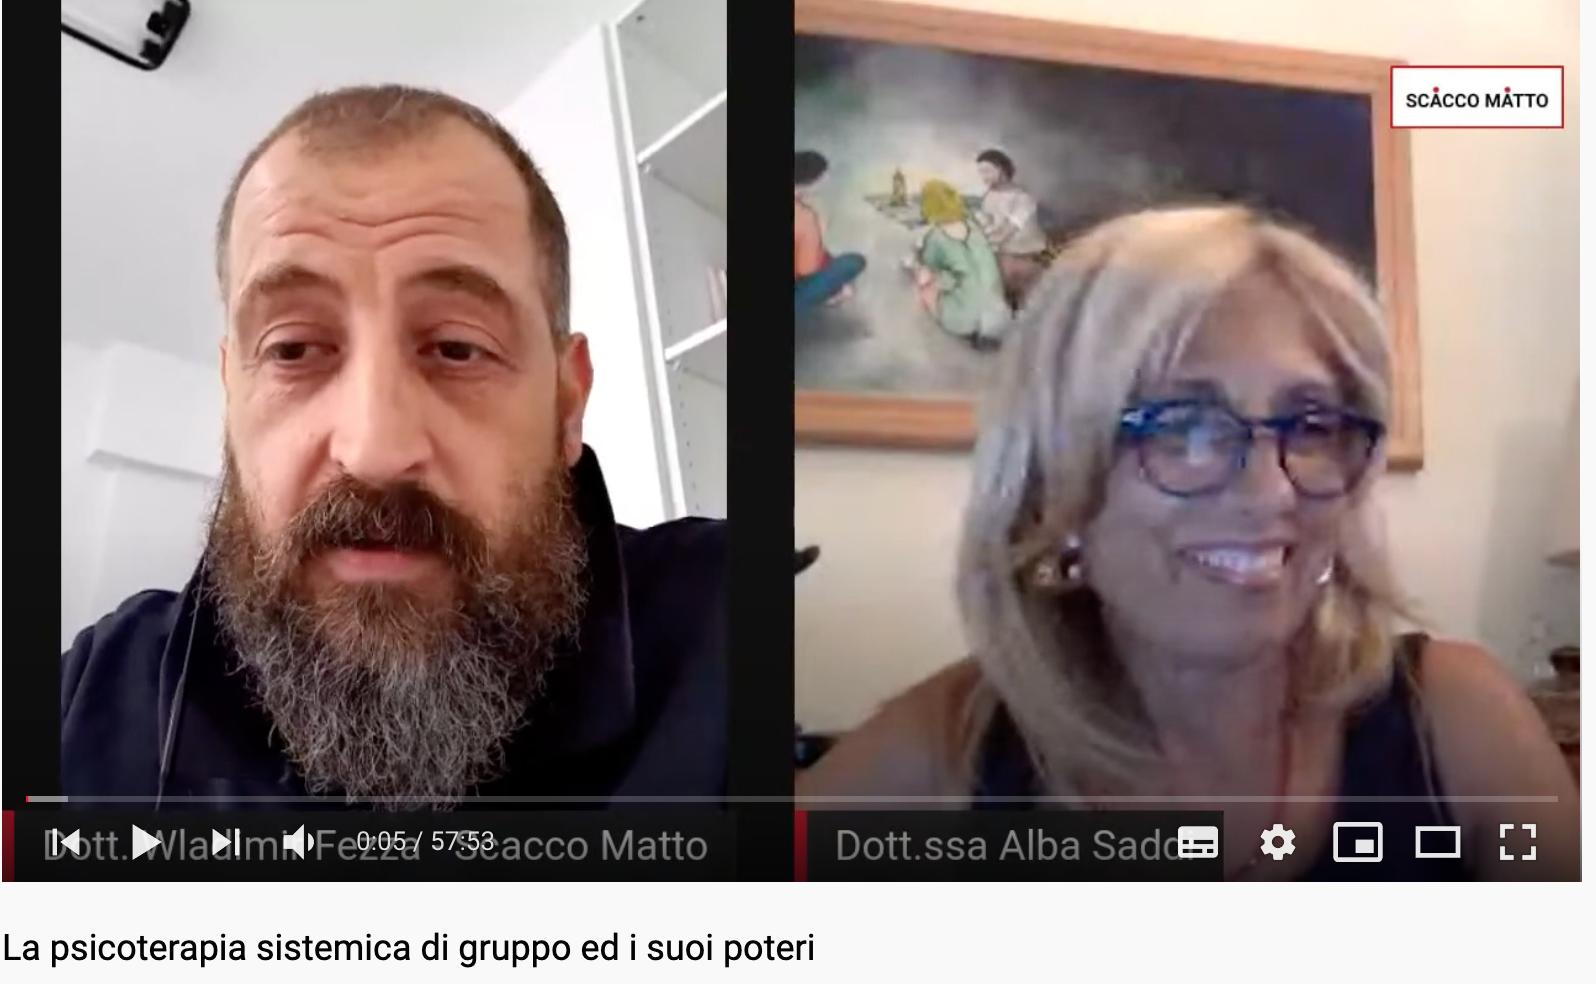 LA TERAPIA SISTEMICA DI GRUPPO ED I SUOI POTERI - Intervista alla dr.ssa ALBA SADDI - Scacco Matto dr. WLADIMIR FEZZA